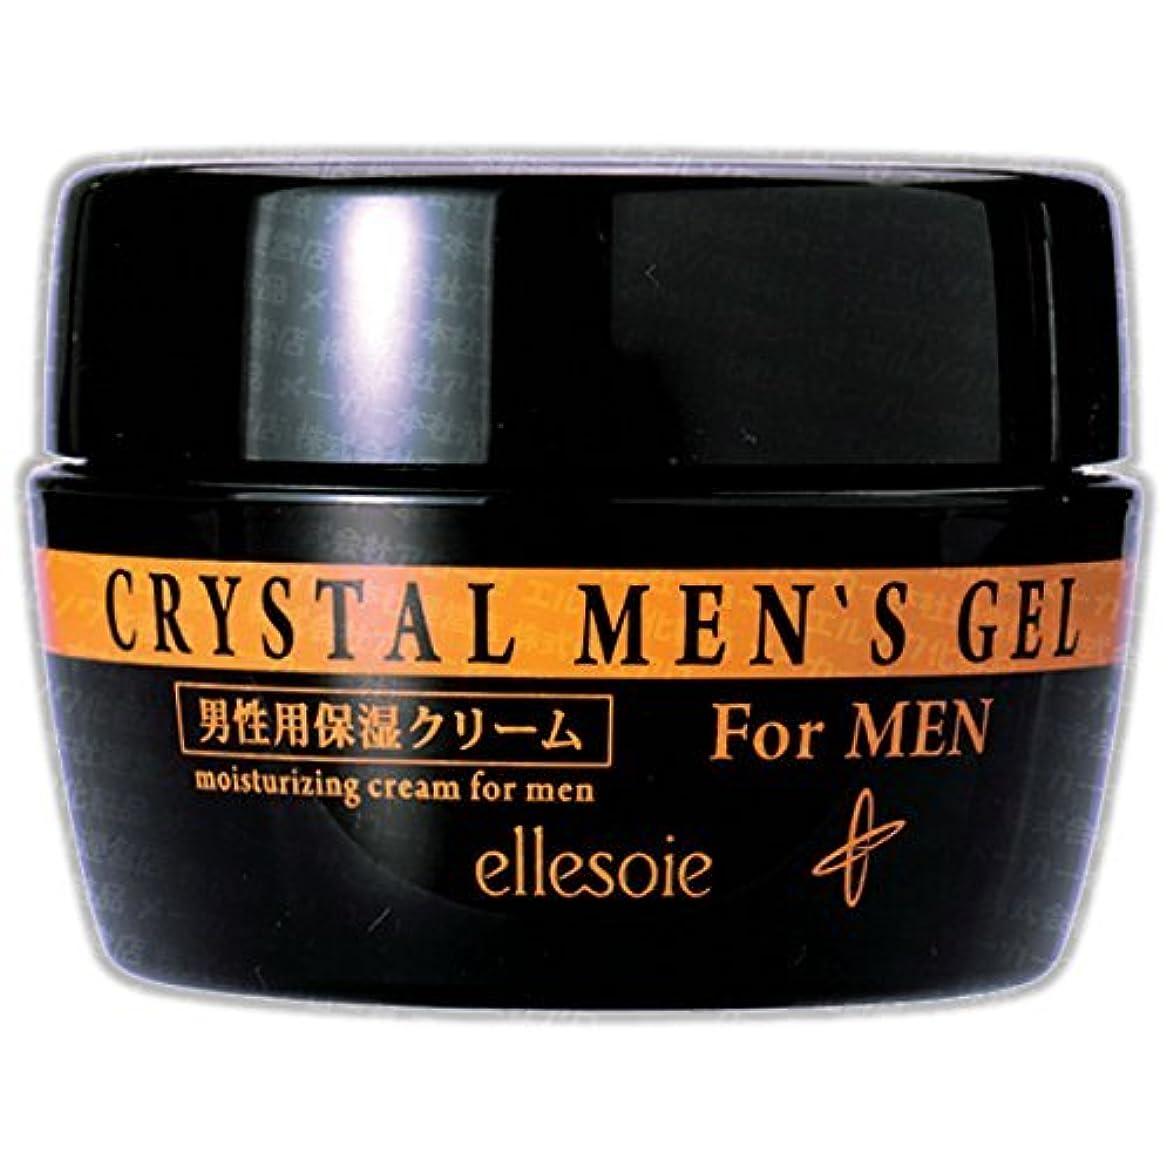 浅い敬意必要性エルソワ化粧品(ellesoie) クリスタル メンズゲル 男性向けオールインワン